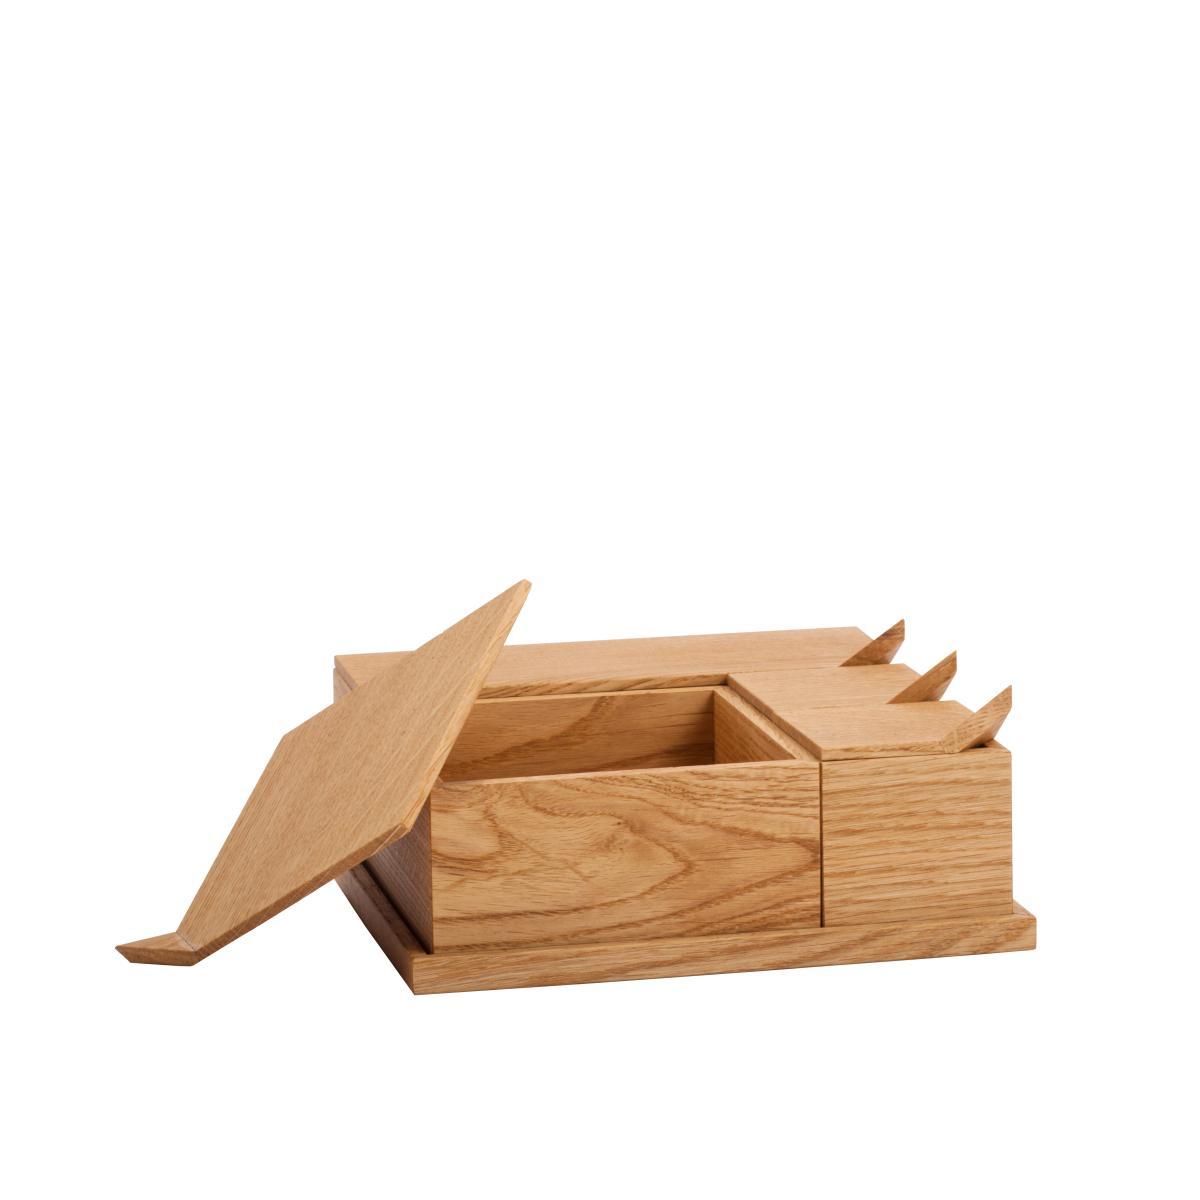 BöBoxenSet Aufbewahrungsdosen Eiche, mit Deckel, geöffnet